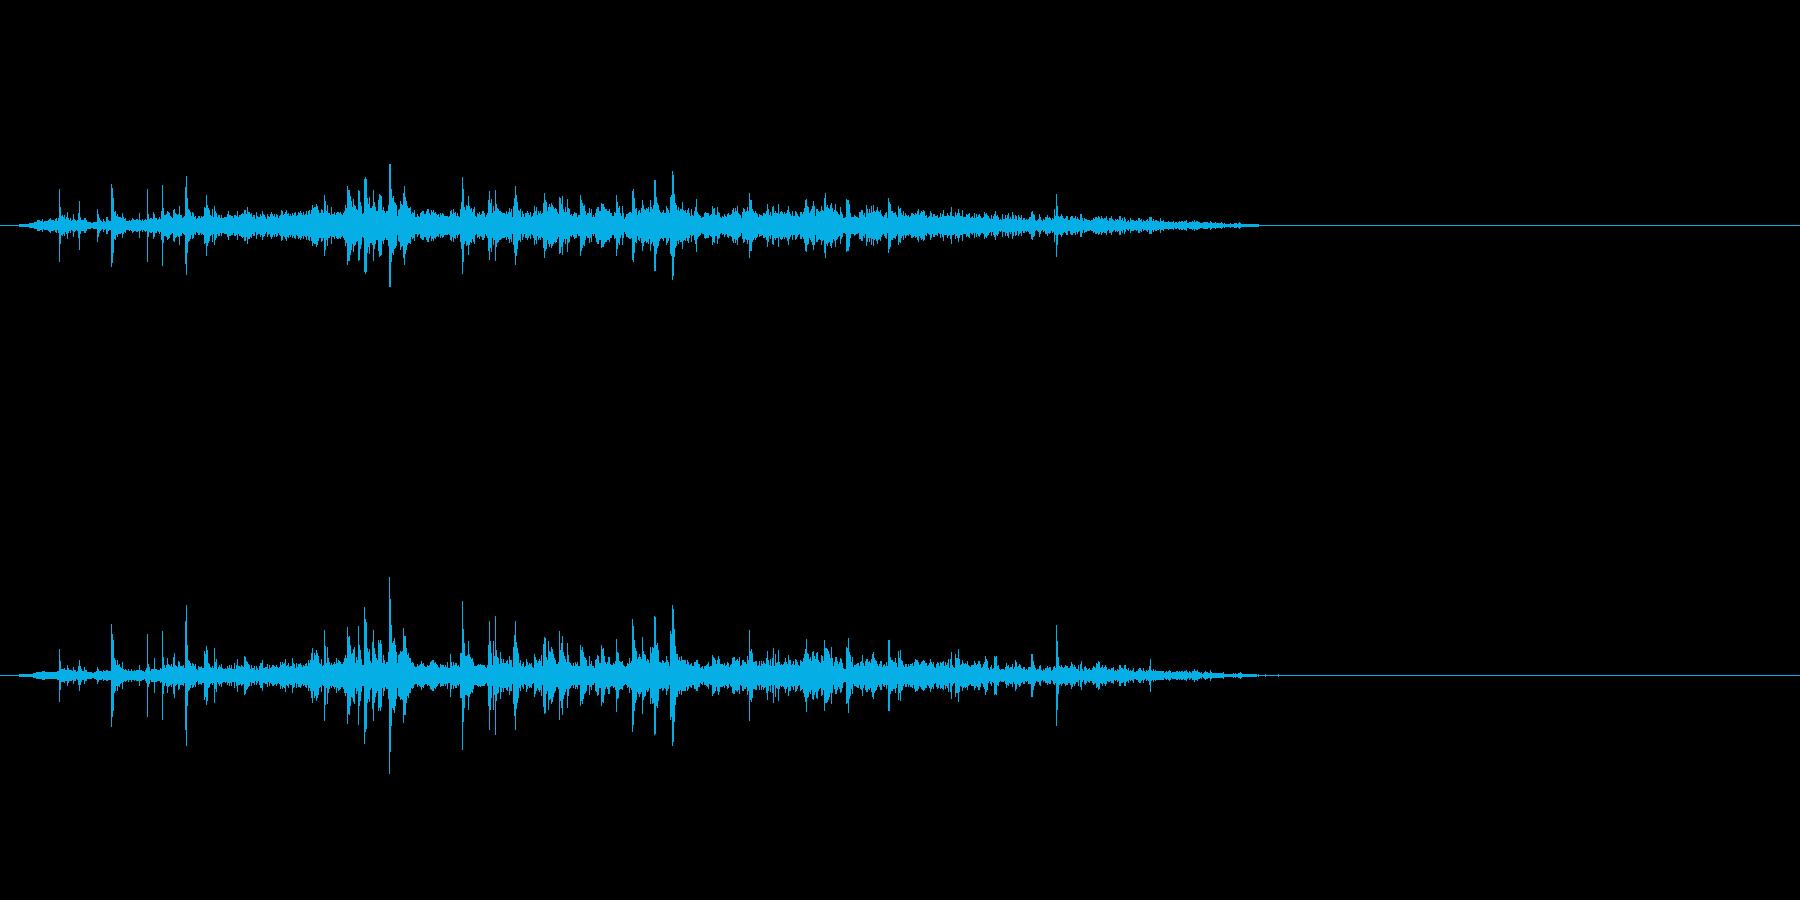 シュワーッ(炭酸飲料を注ぐ音、短め)の再生済みの波形